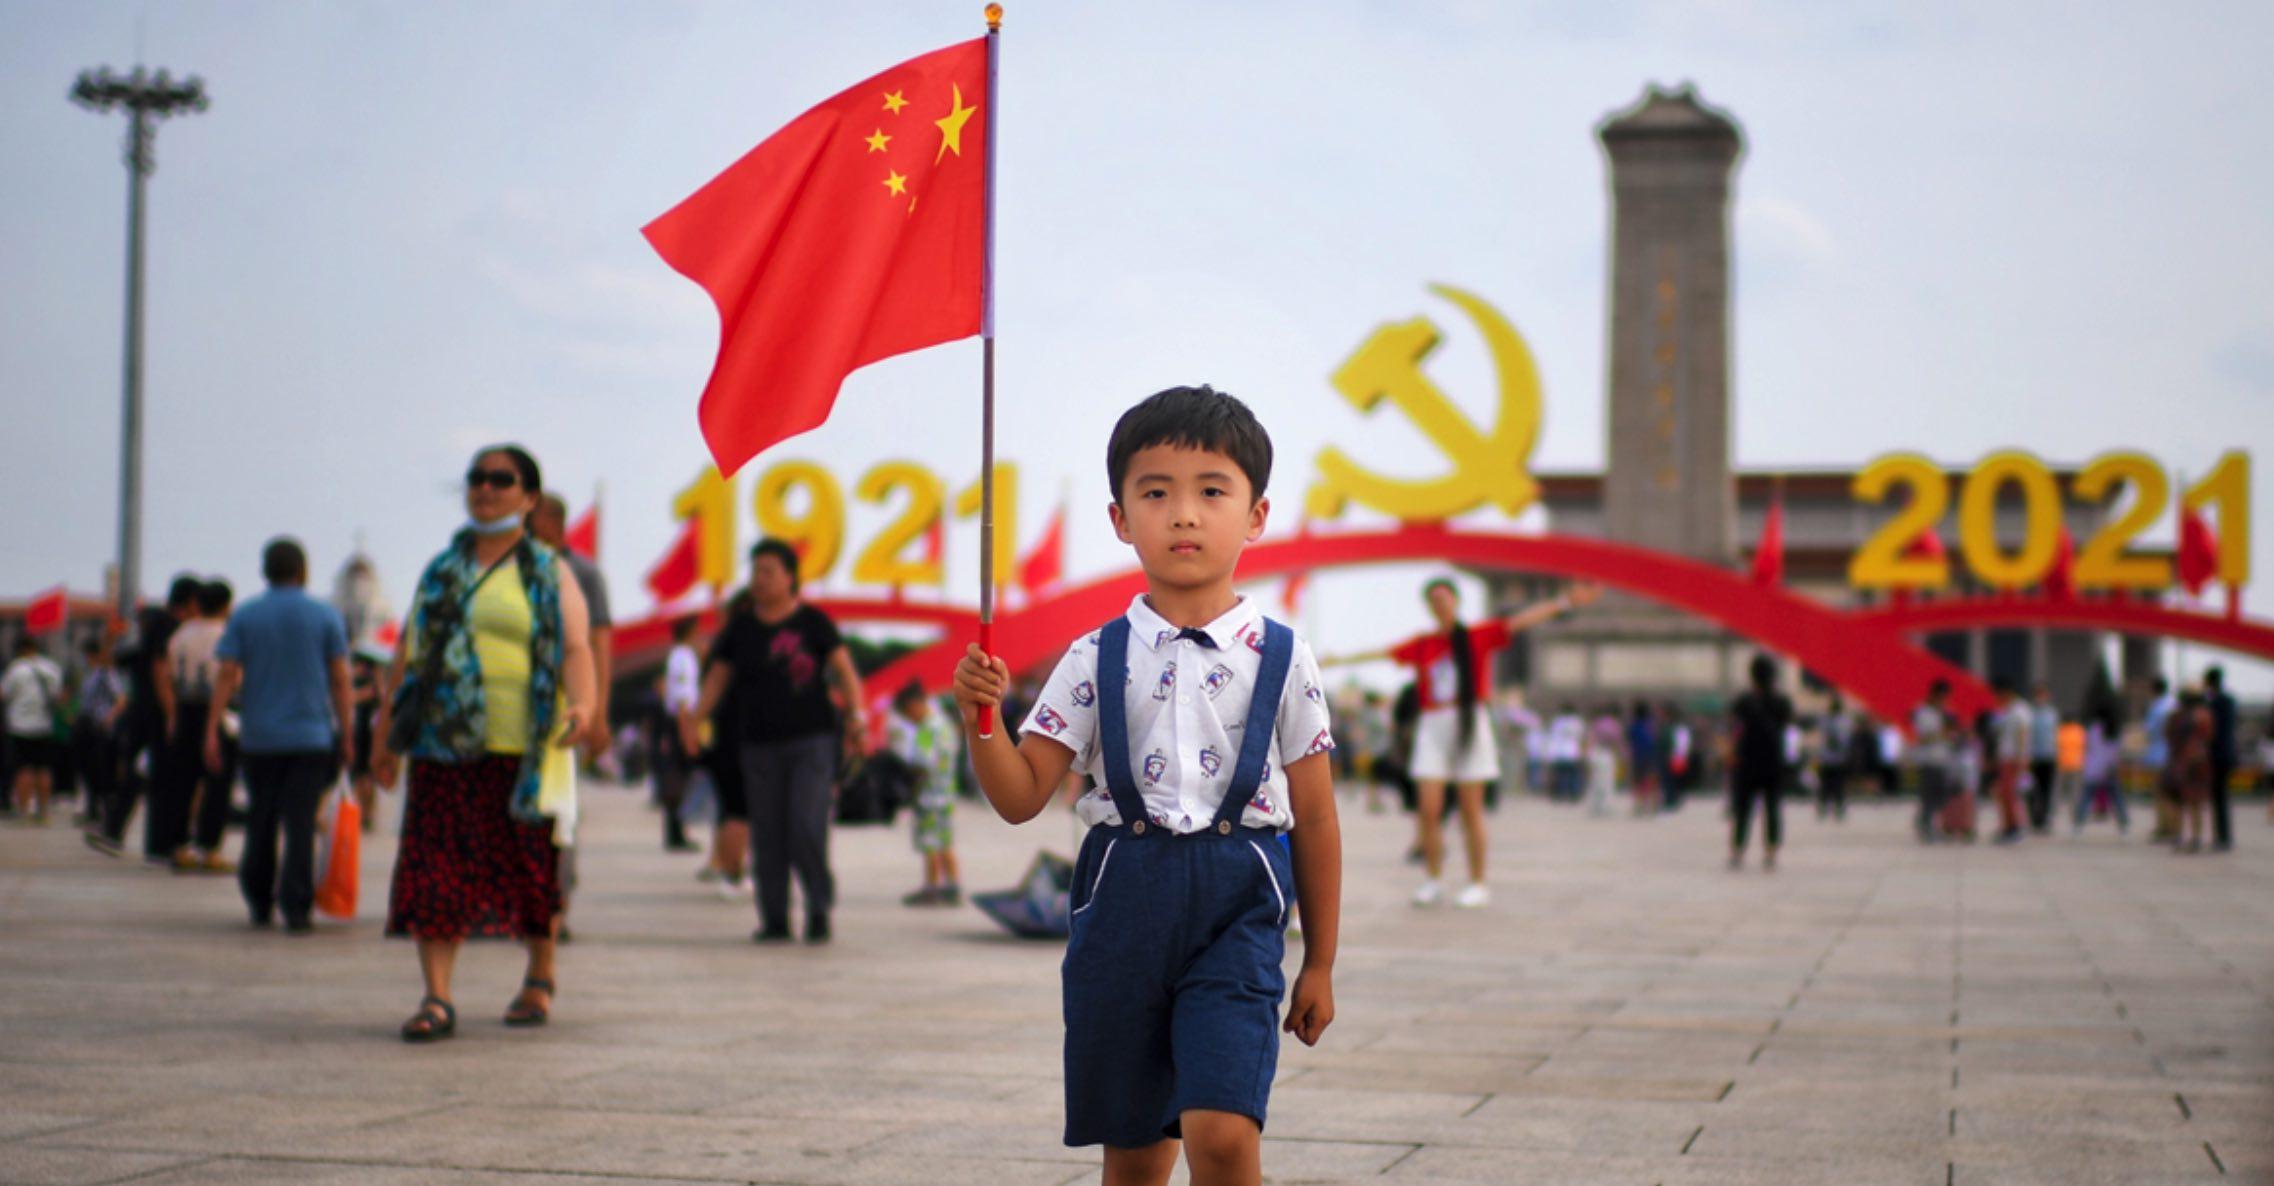 China, Revolución, Xi Jinping